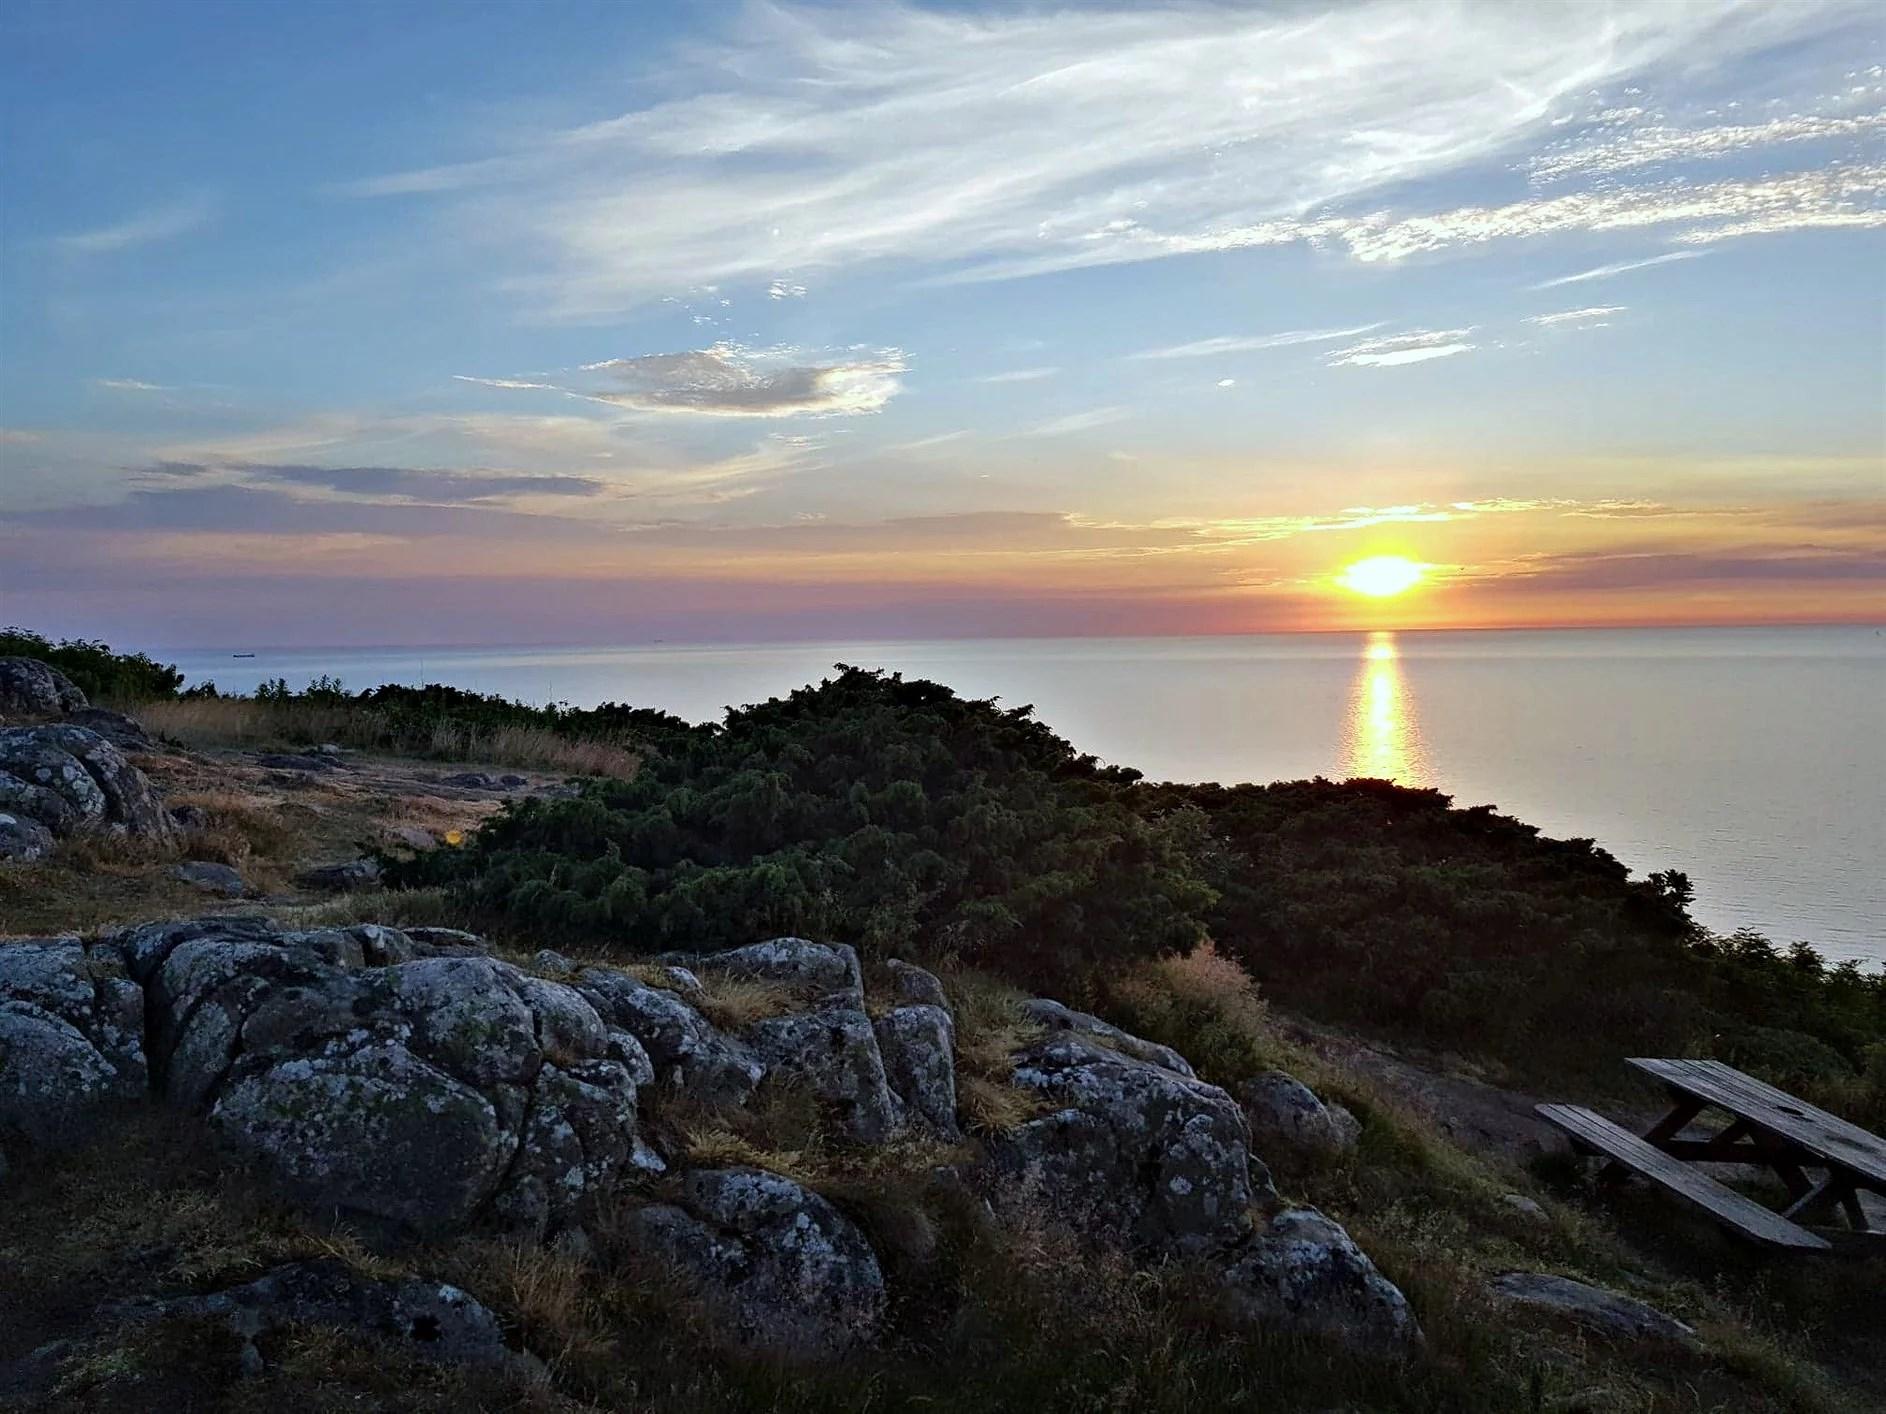 En fantastisk solnedgång -